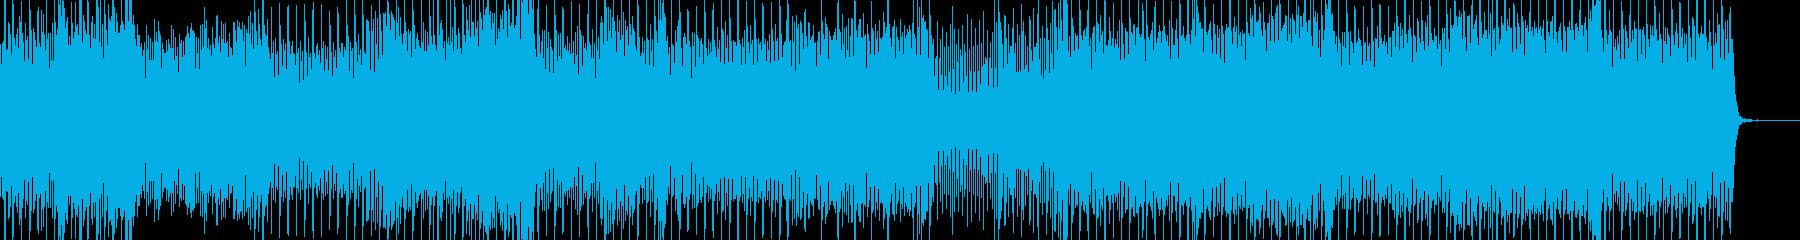 派手なシンセリードとシーケンスのテクノの再生済みの波形